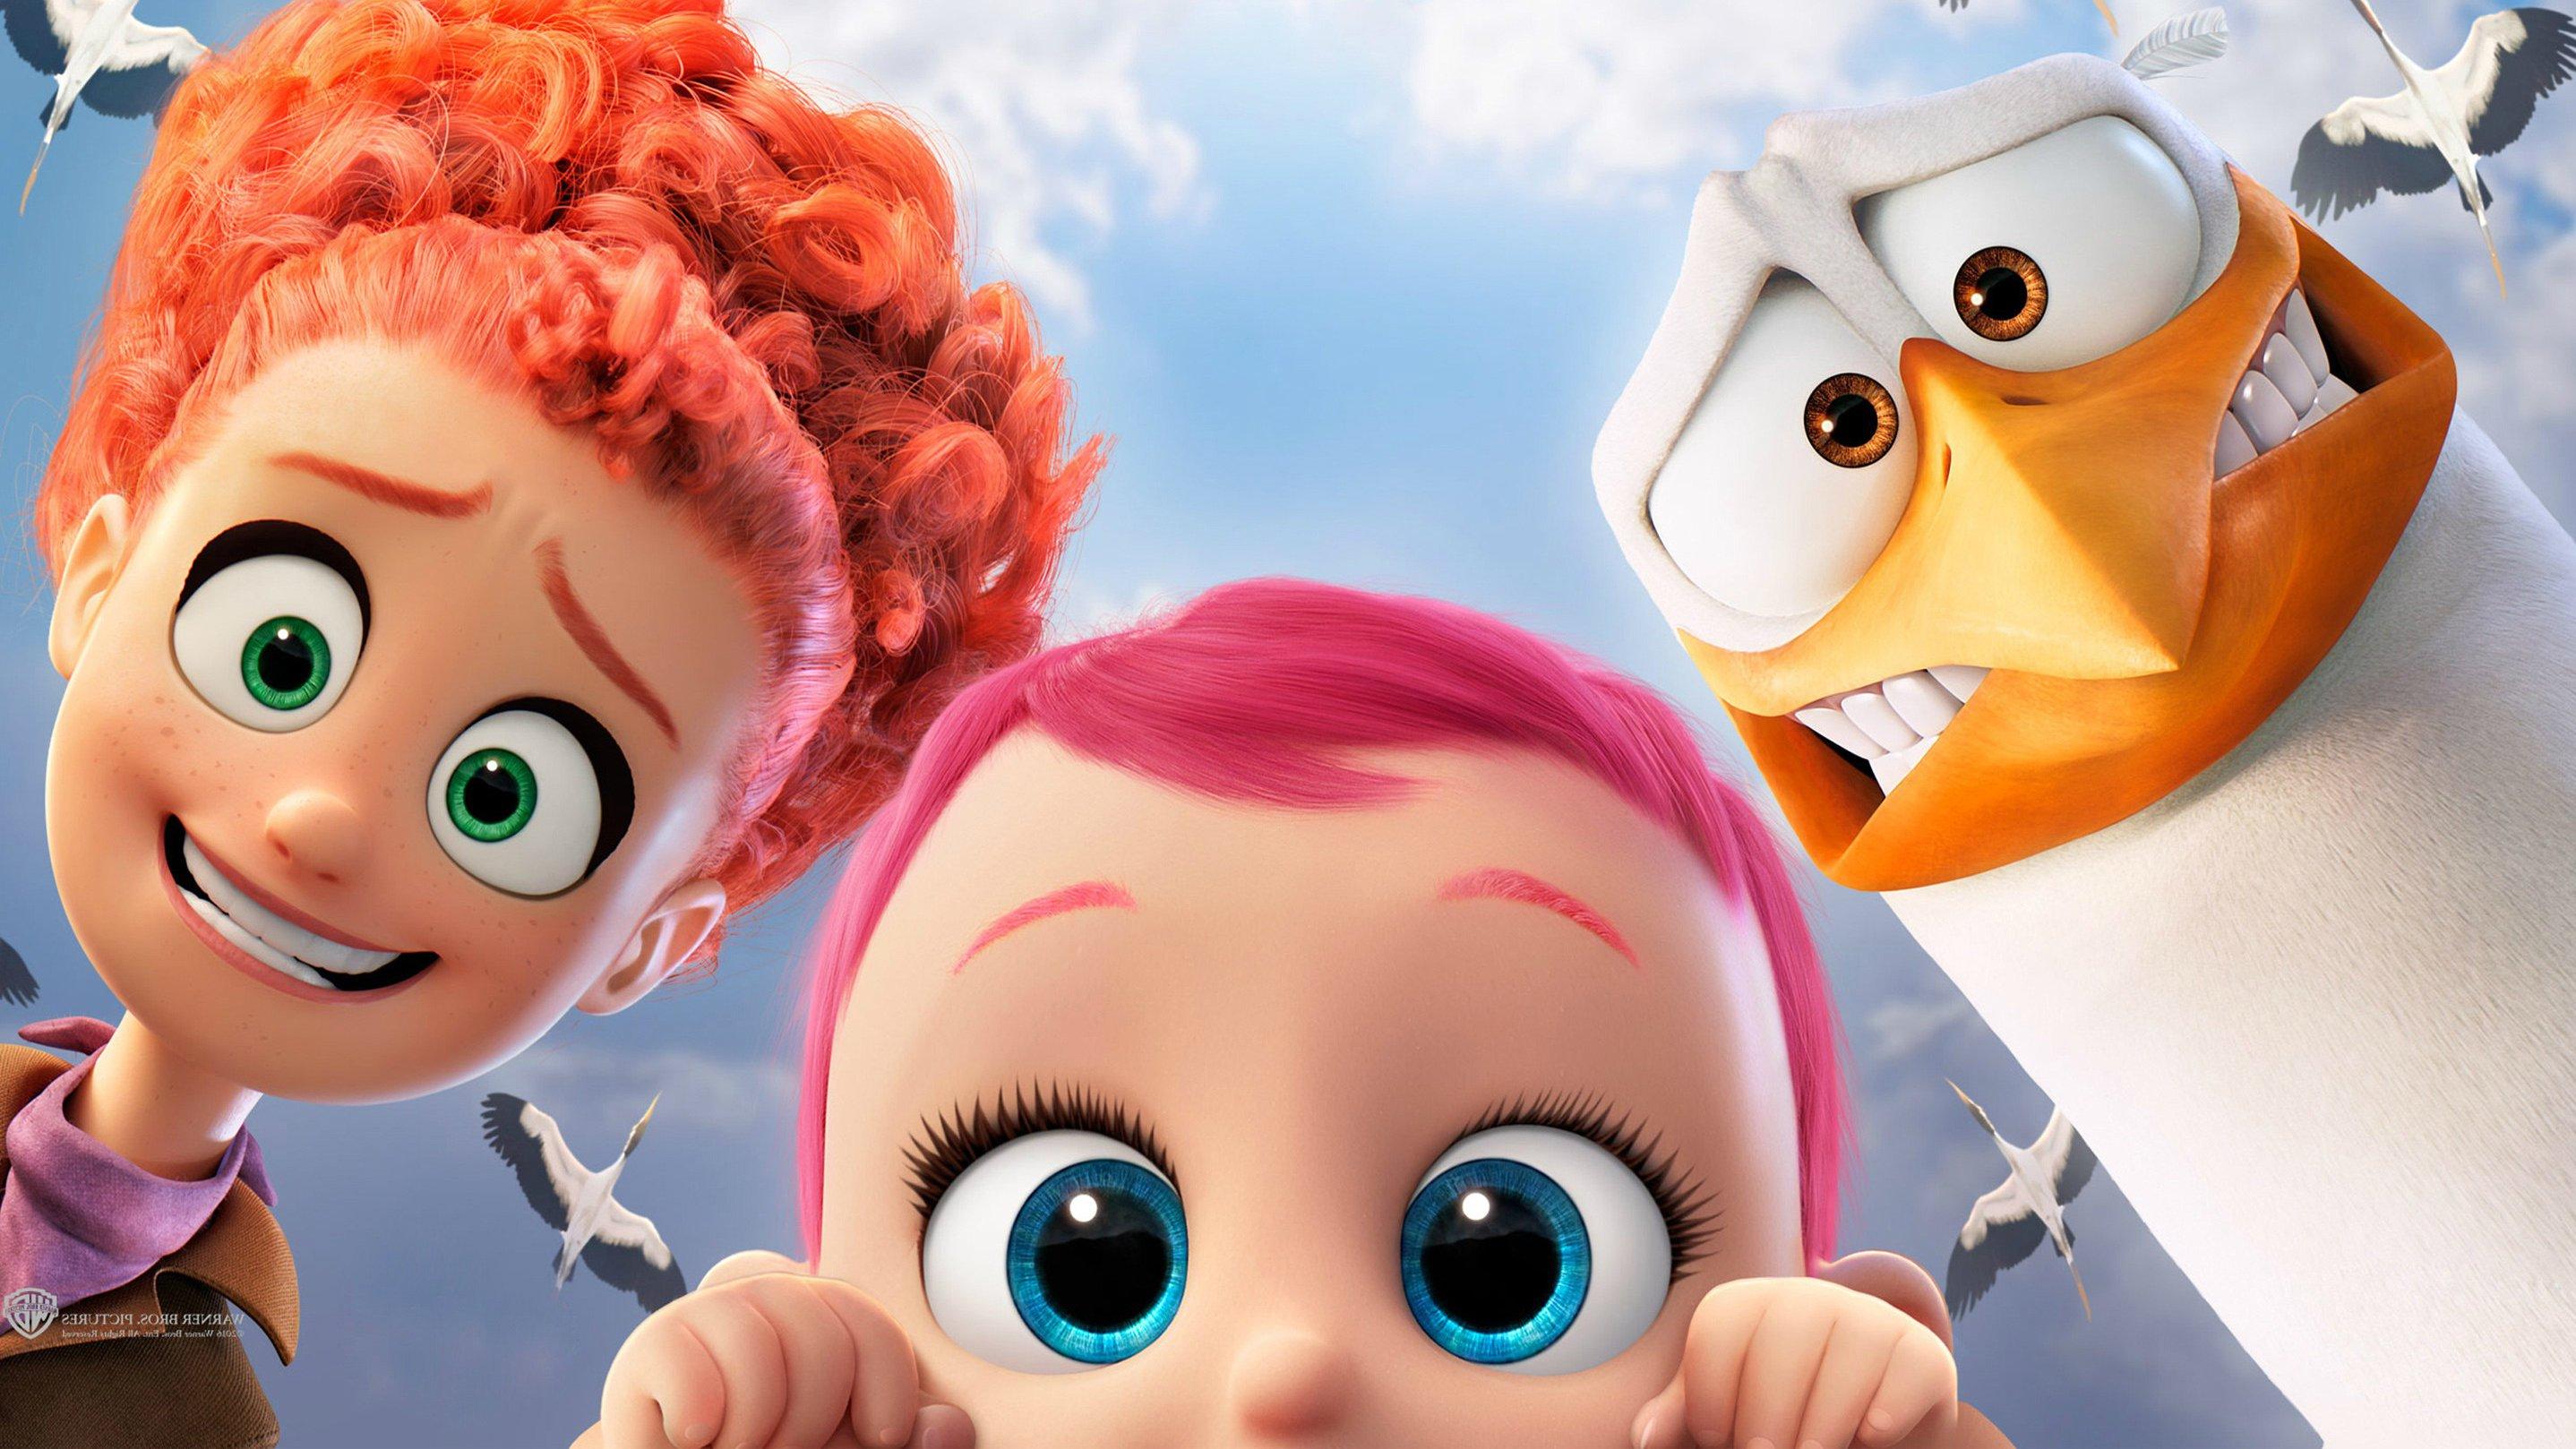 Смотреть мультфильмы 2016 года онлайн бесплатно в хорошем